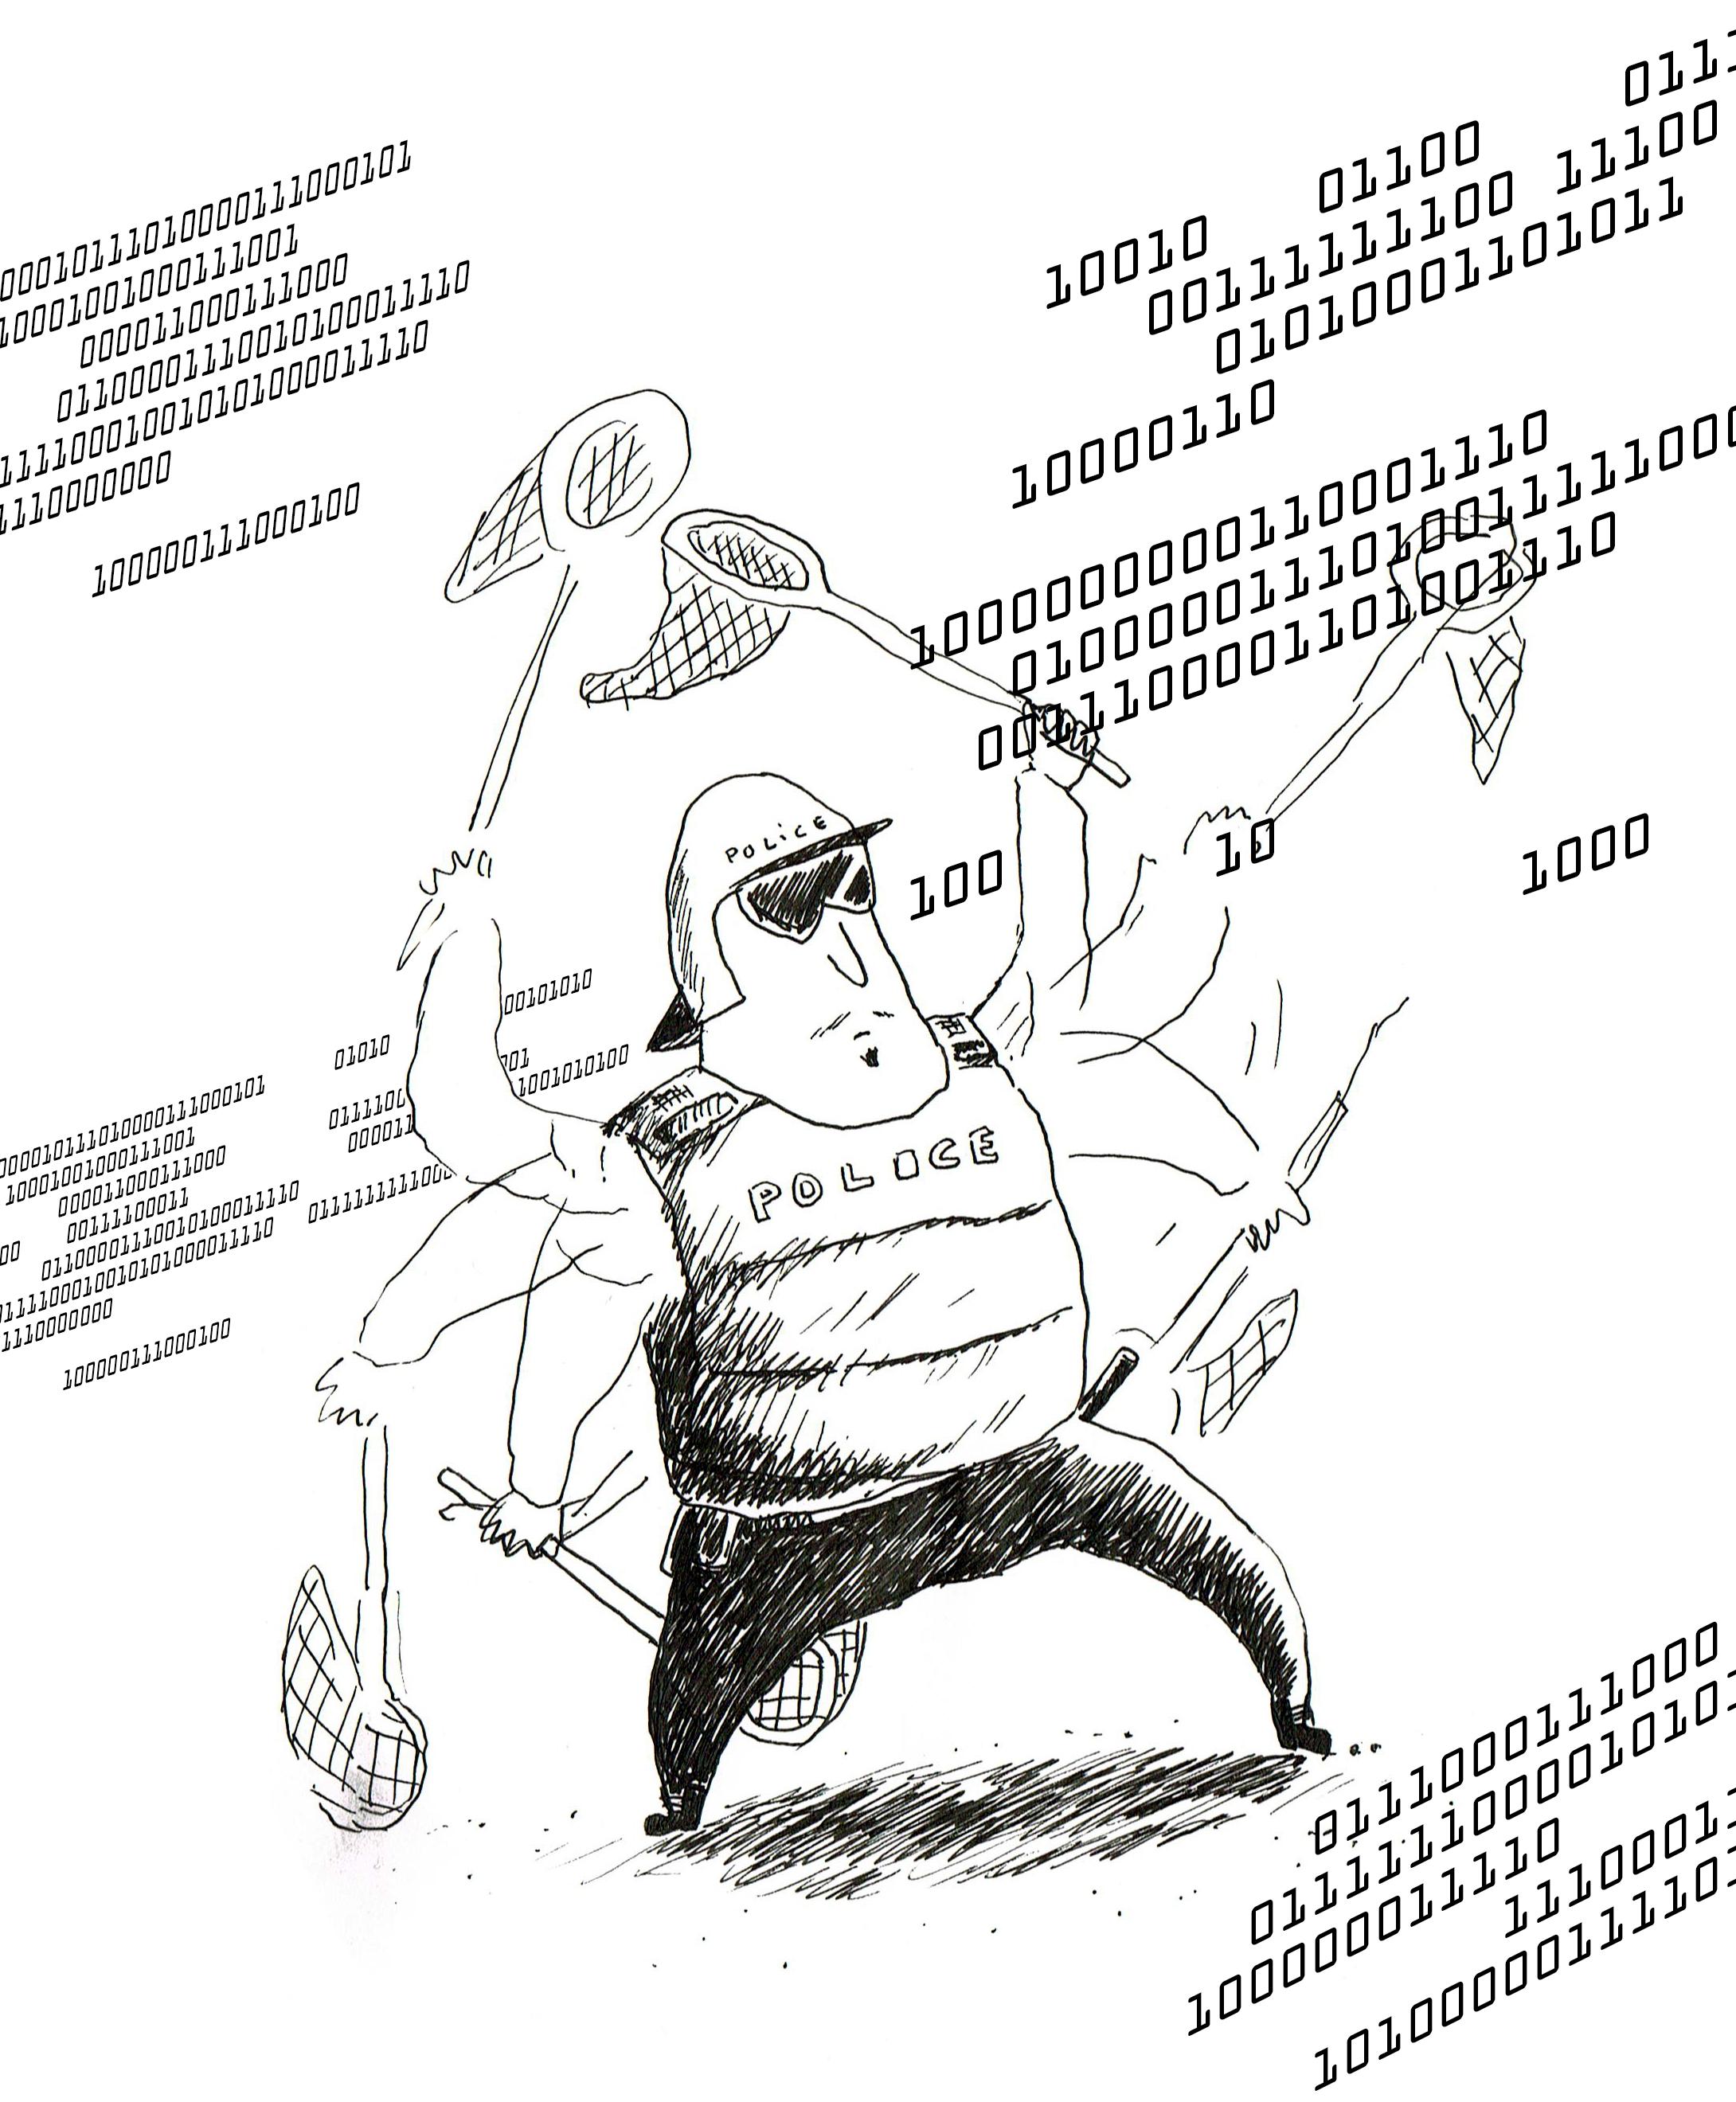 Cybercrime et impunité?